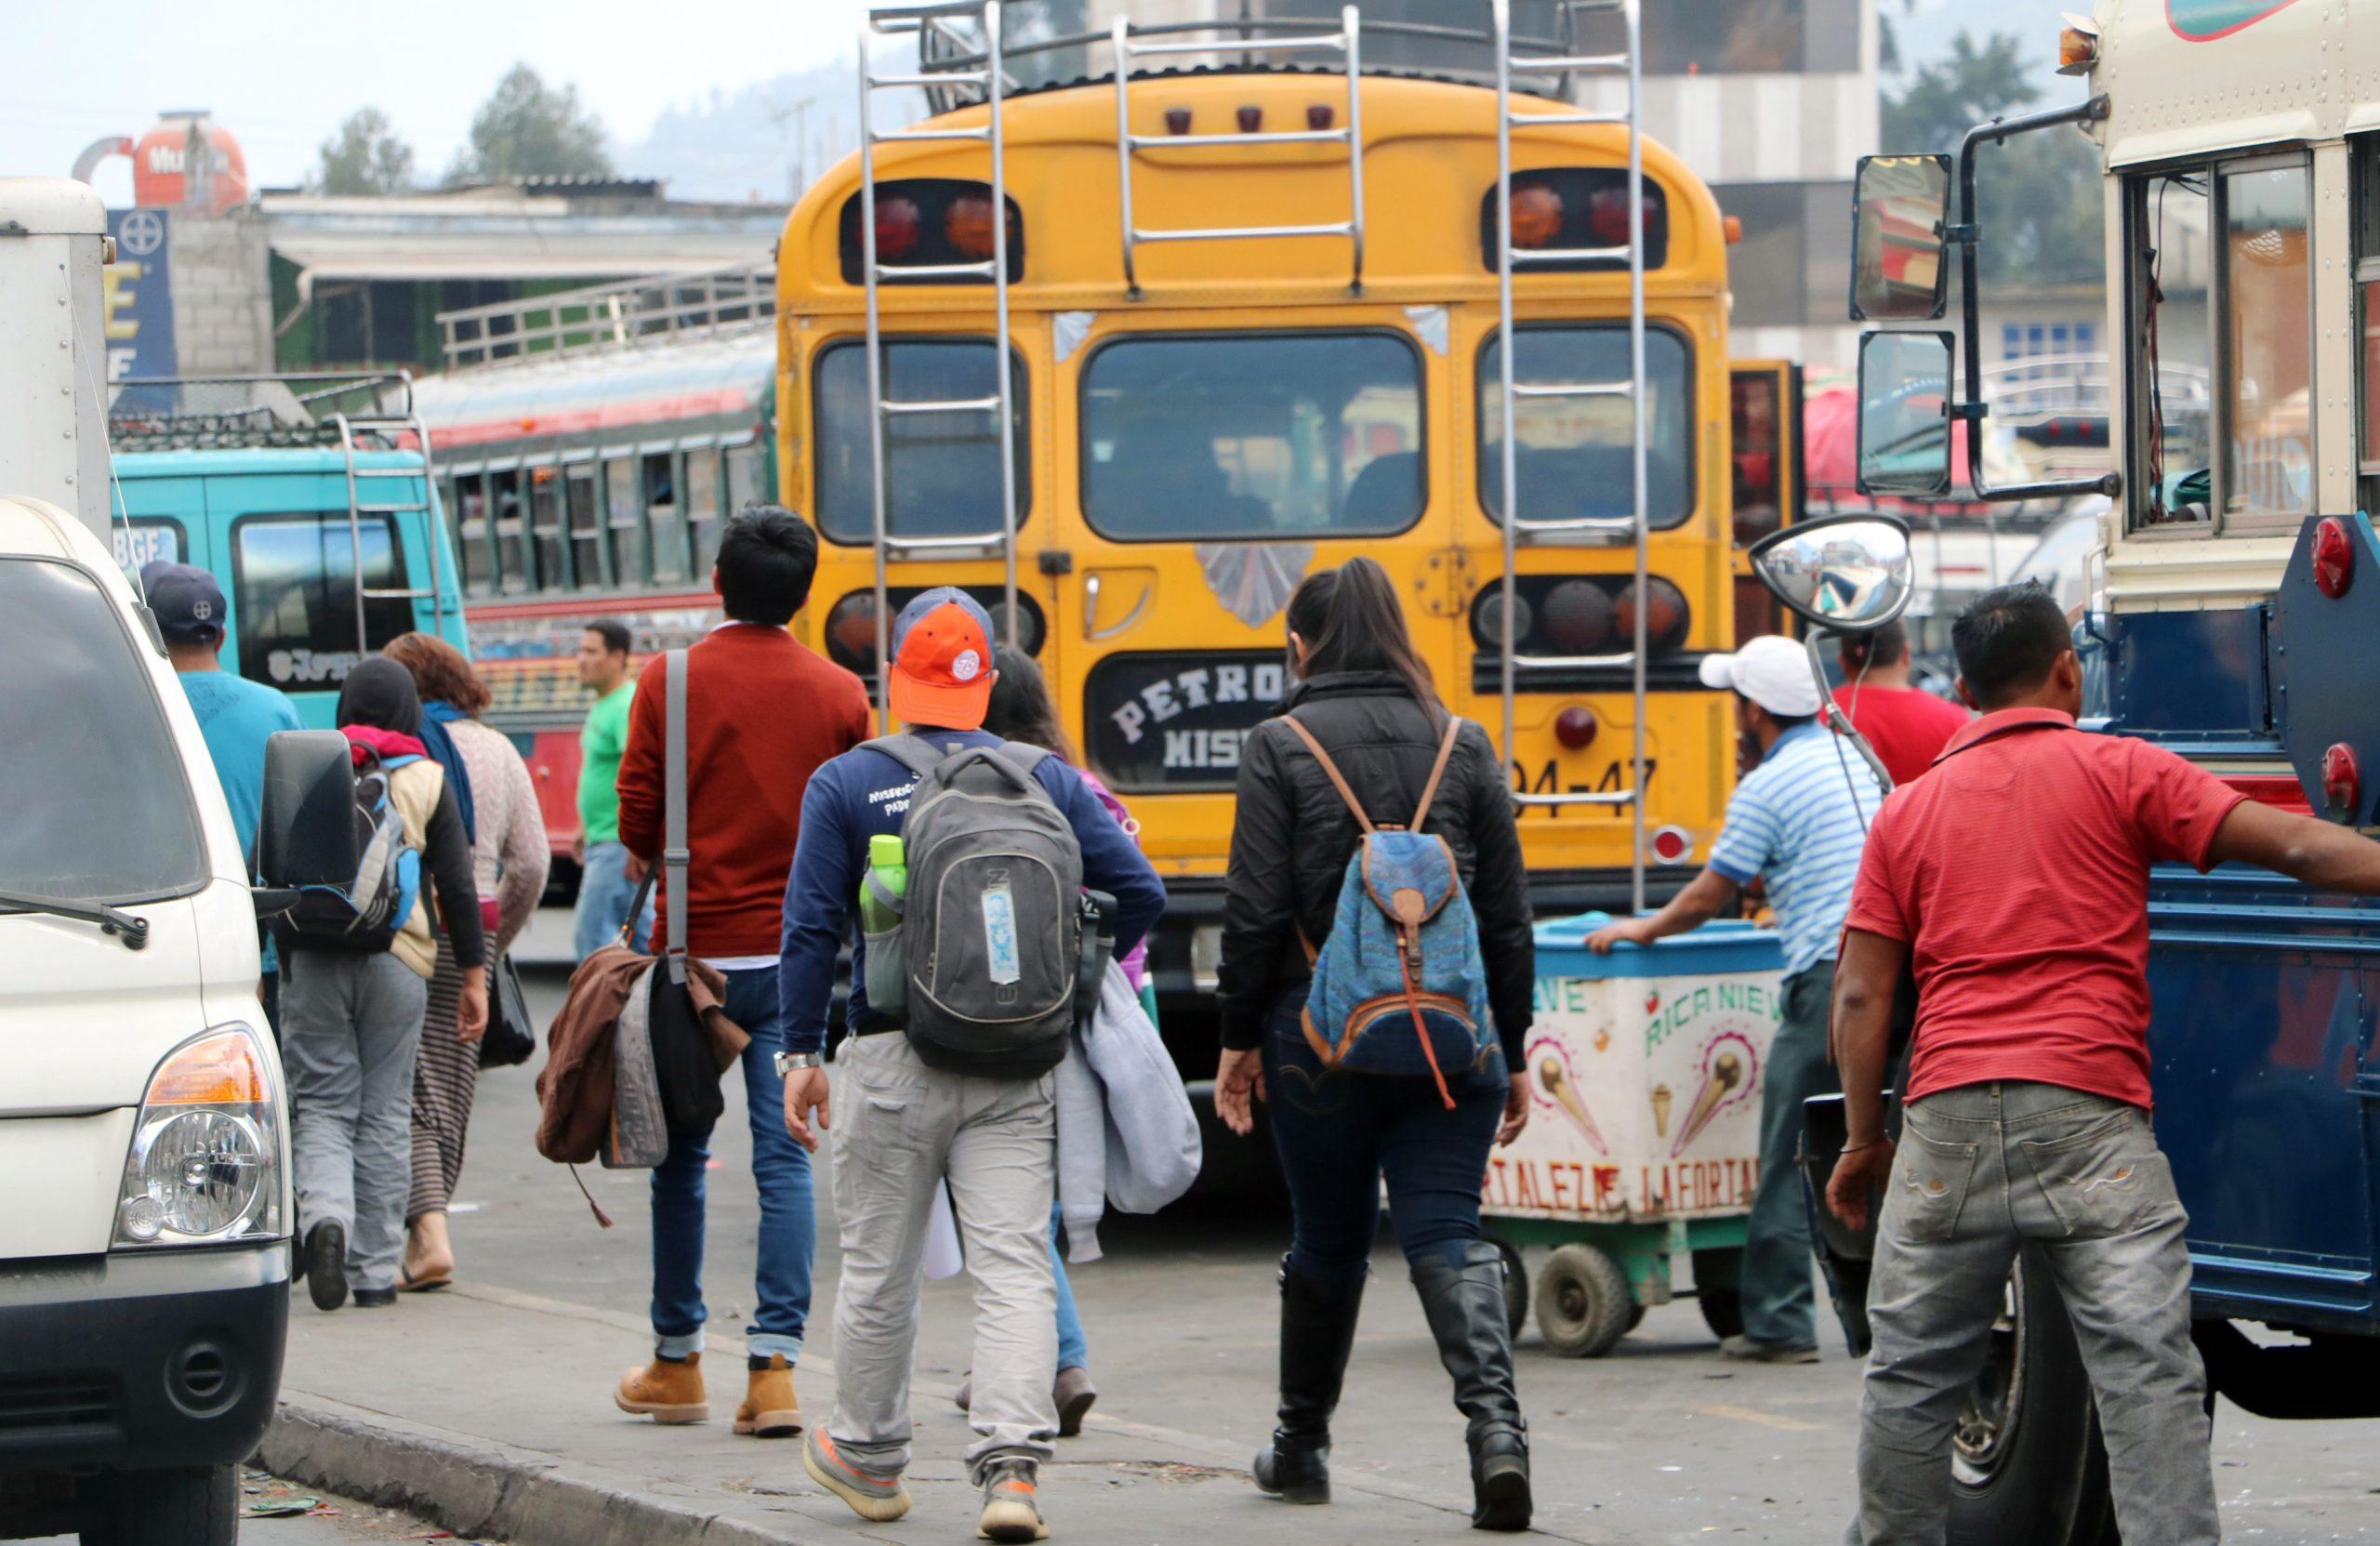 Muchos de los contagios de COVID-19 en Quetzaltenango, surgen en los buses de transporte público según las autoriadades de salud.